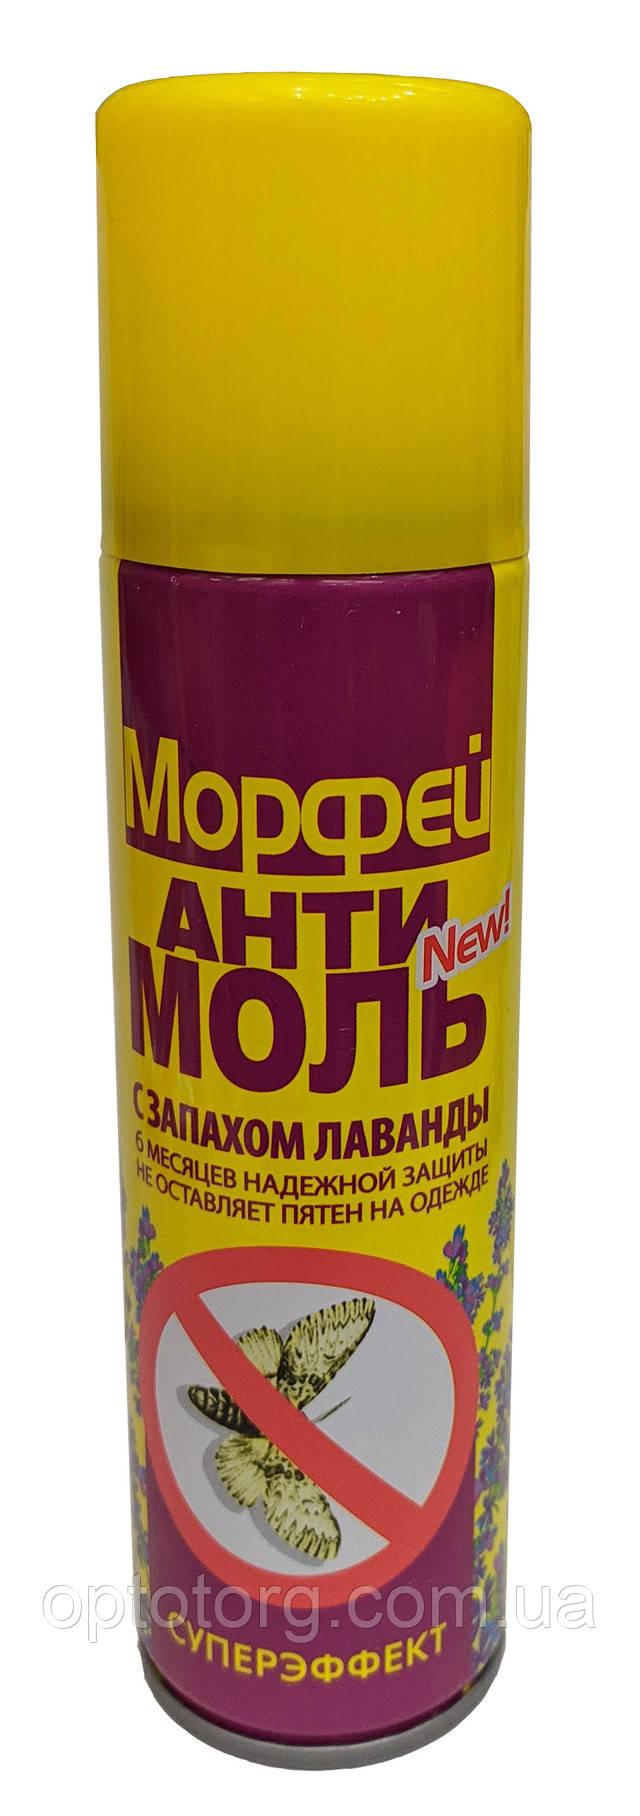 защита от моли антимоль Морфей Моль аэрозоль с запахом лаванды